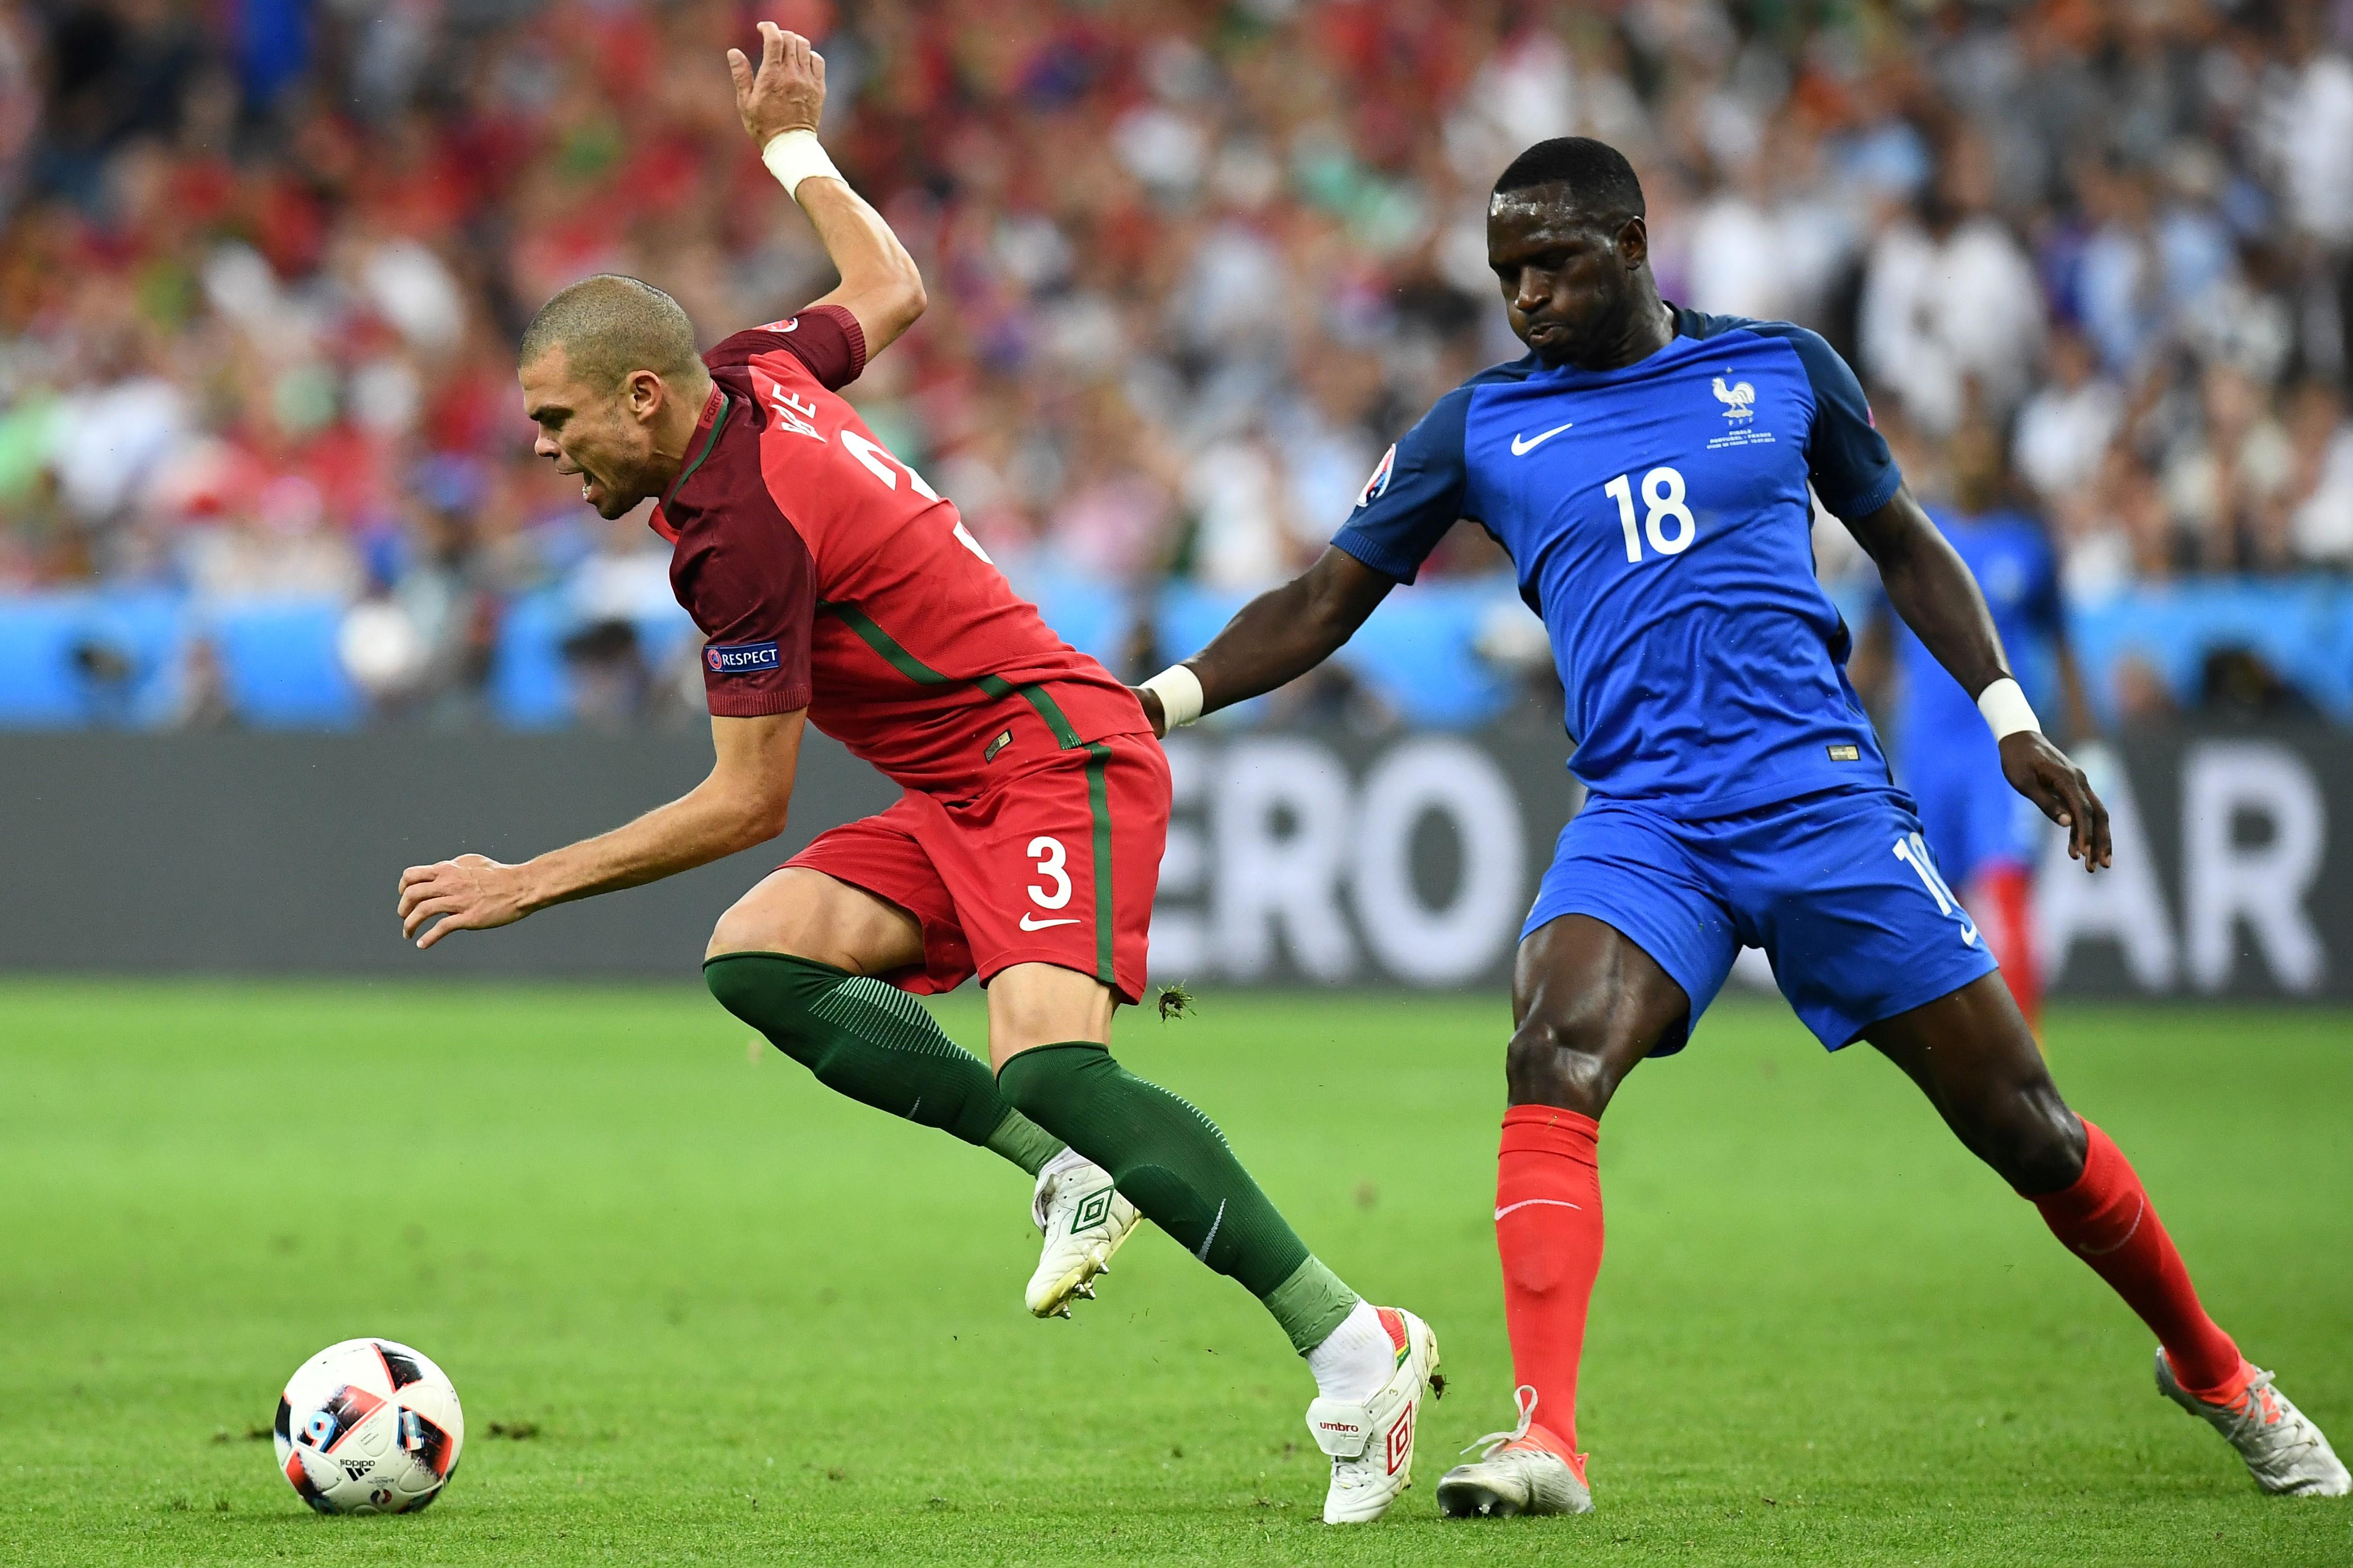 葡萄牙中場比比與法國中場穆薩·穆沙施素高在比賽中爭球。(FRANCK FIFE/AFP)